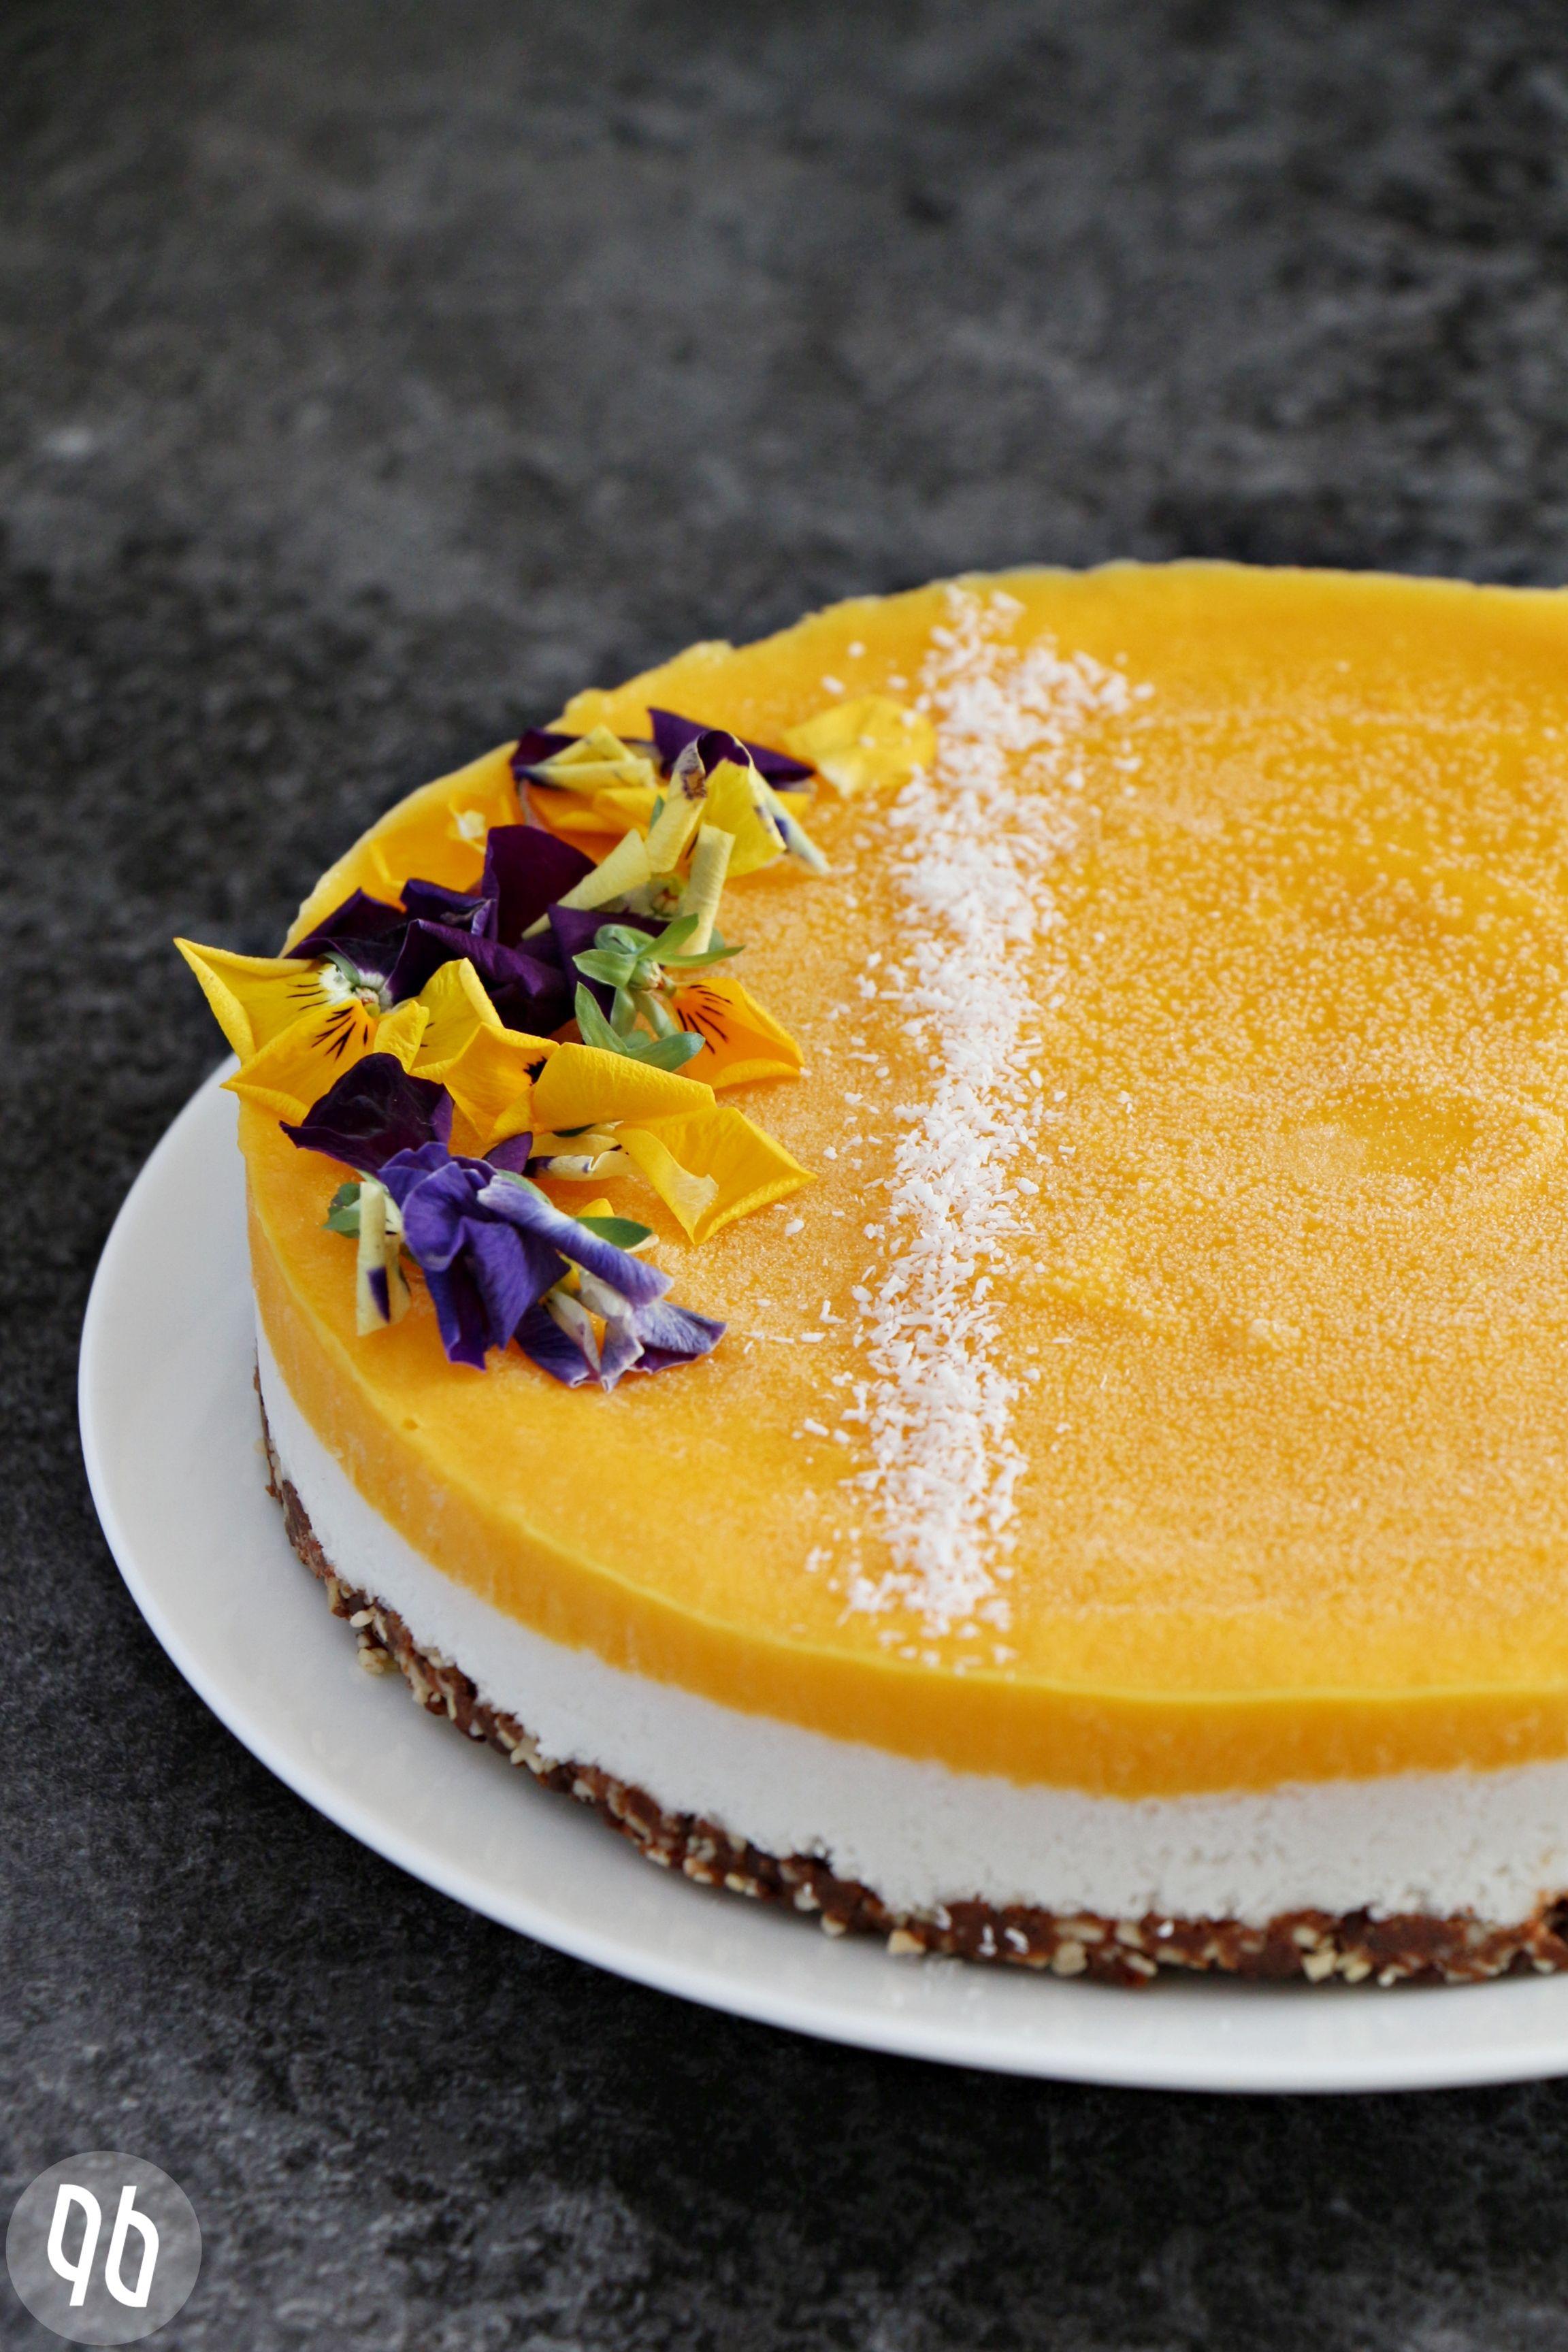 (Rezept) Rohköstlicher Mango-Kokos-Kuchen mit Schokocrunch + Neuigkeiten